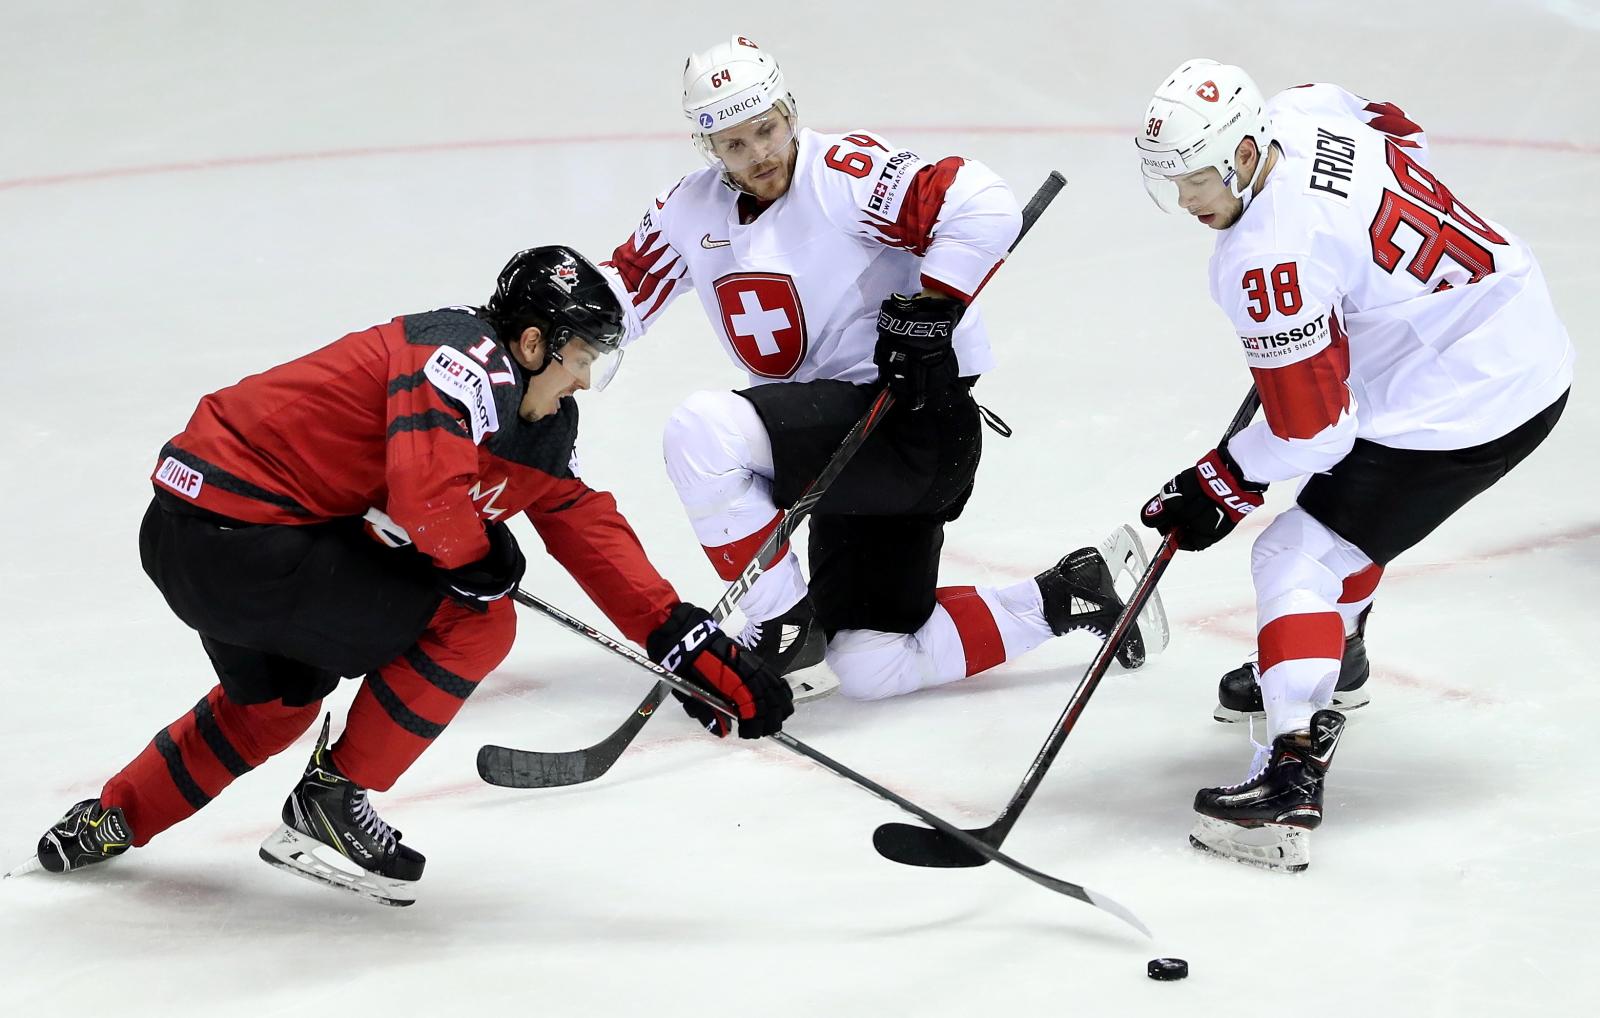 Mistrzostwa Świata w hokeju na lodzie na Słowacji. Fot. PAP/EPA/MARTIN DIVISEK